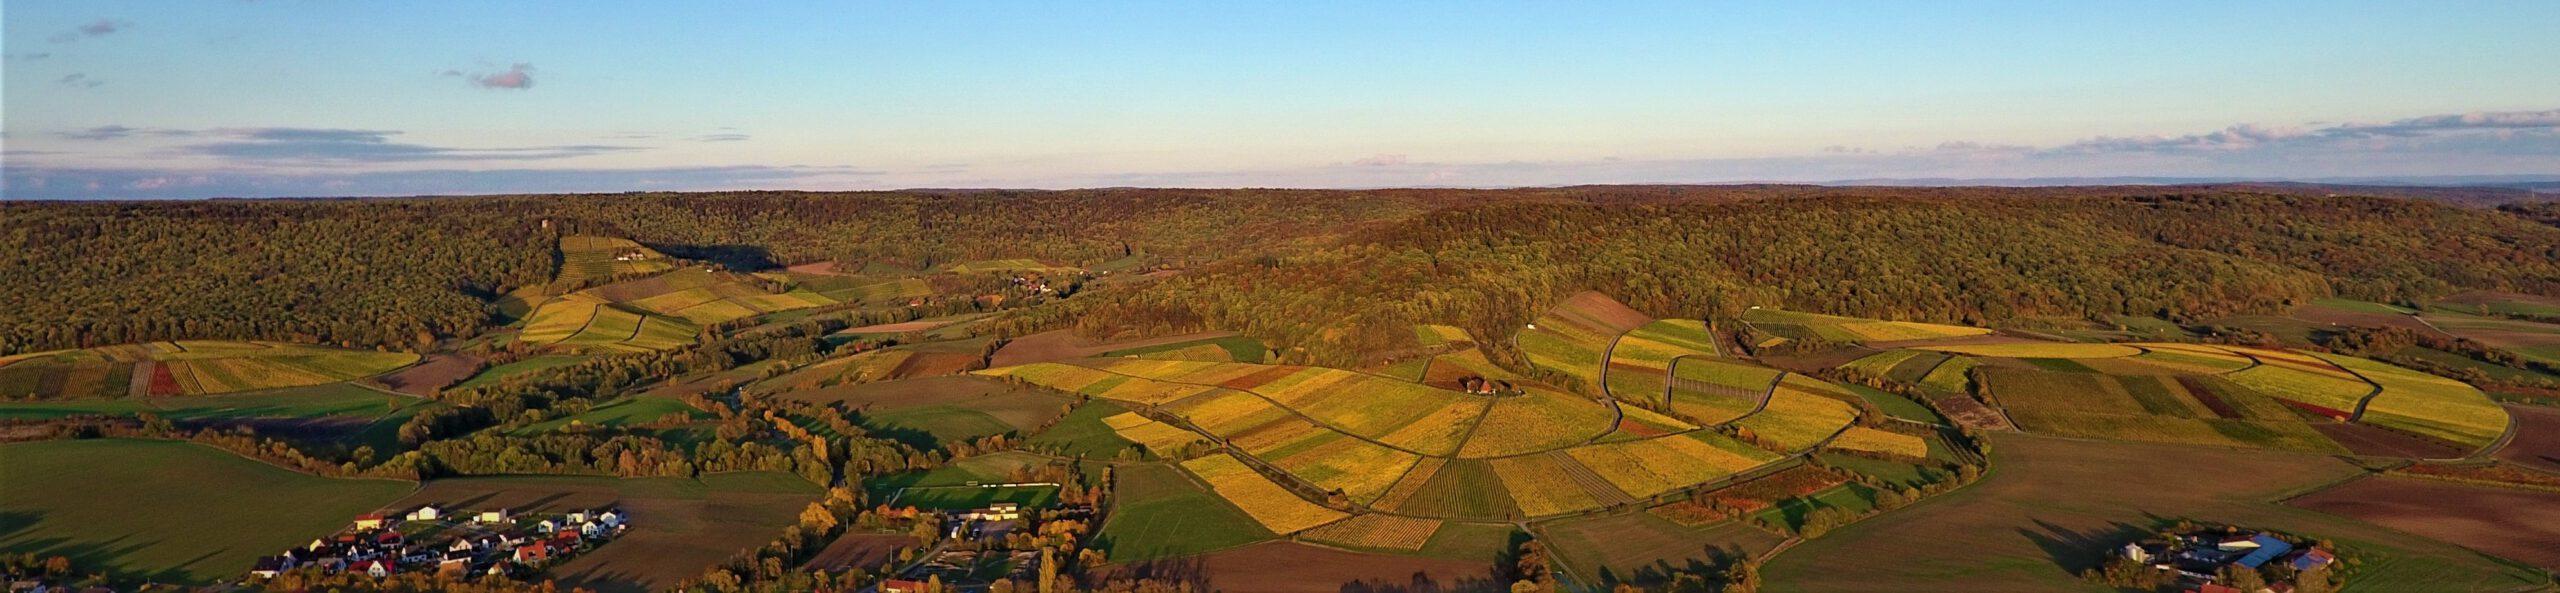 Steigerwald Handthal Stollburg